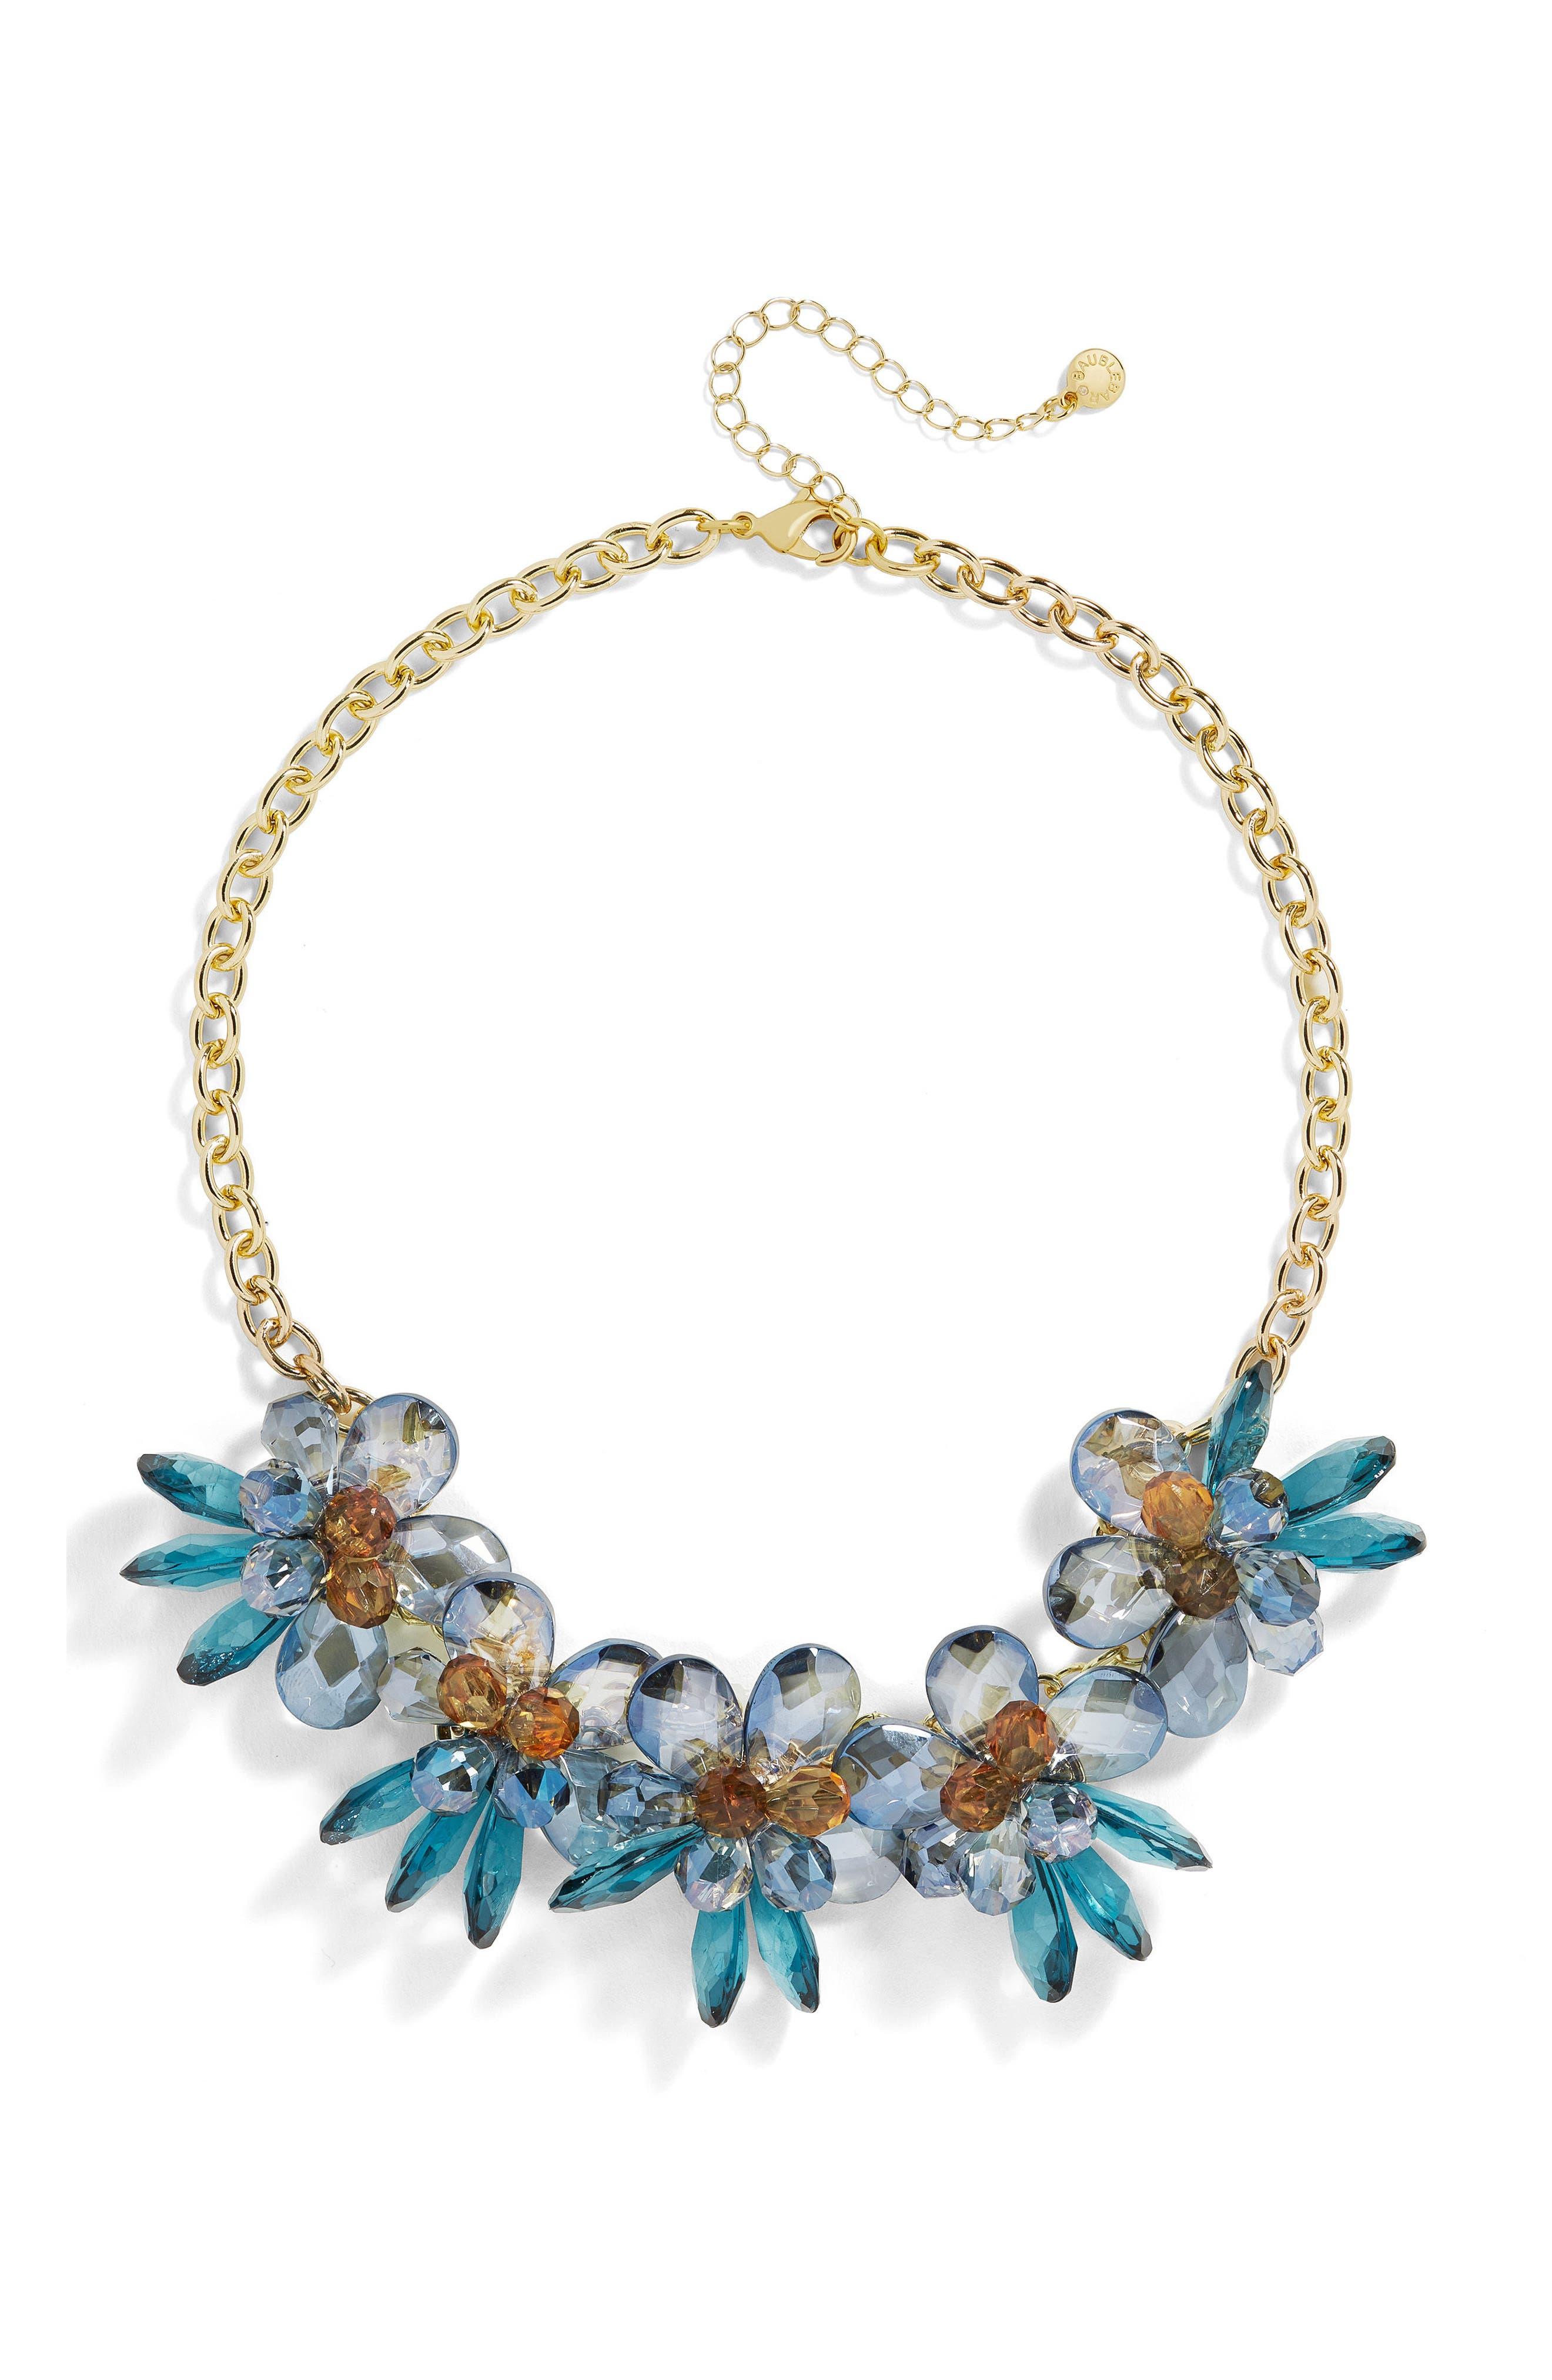 Alternate Image 1 Selected - BaubleBar Crystalline Large Flower Statement Necklace